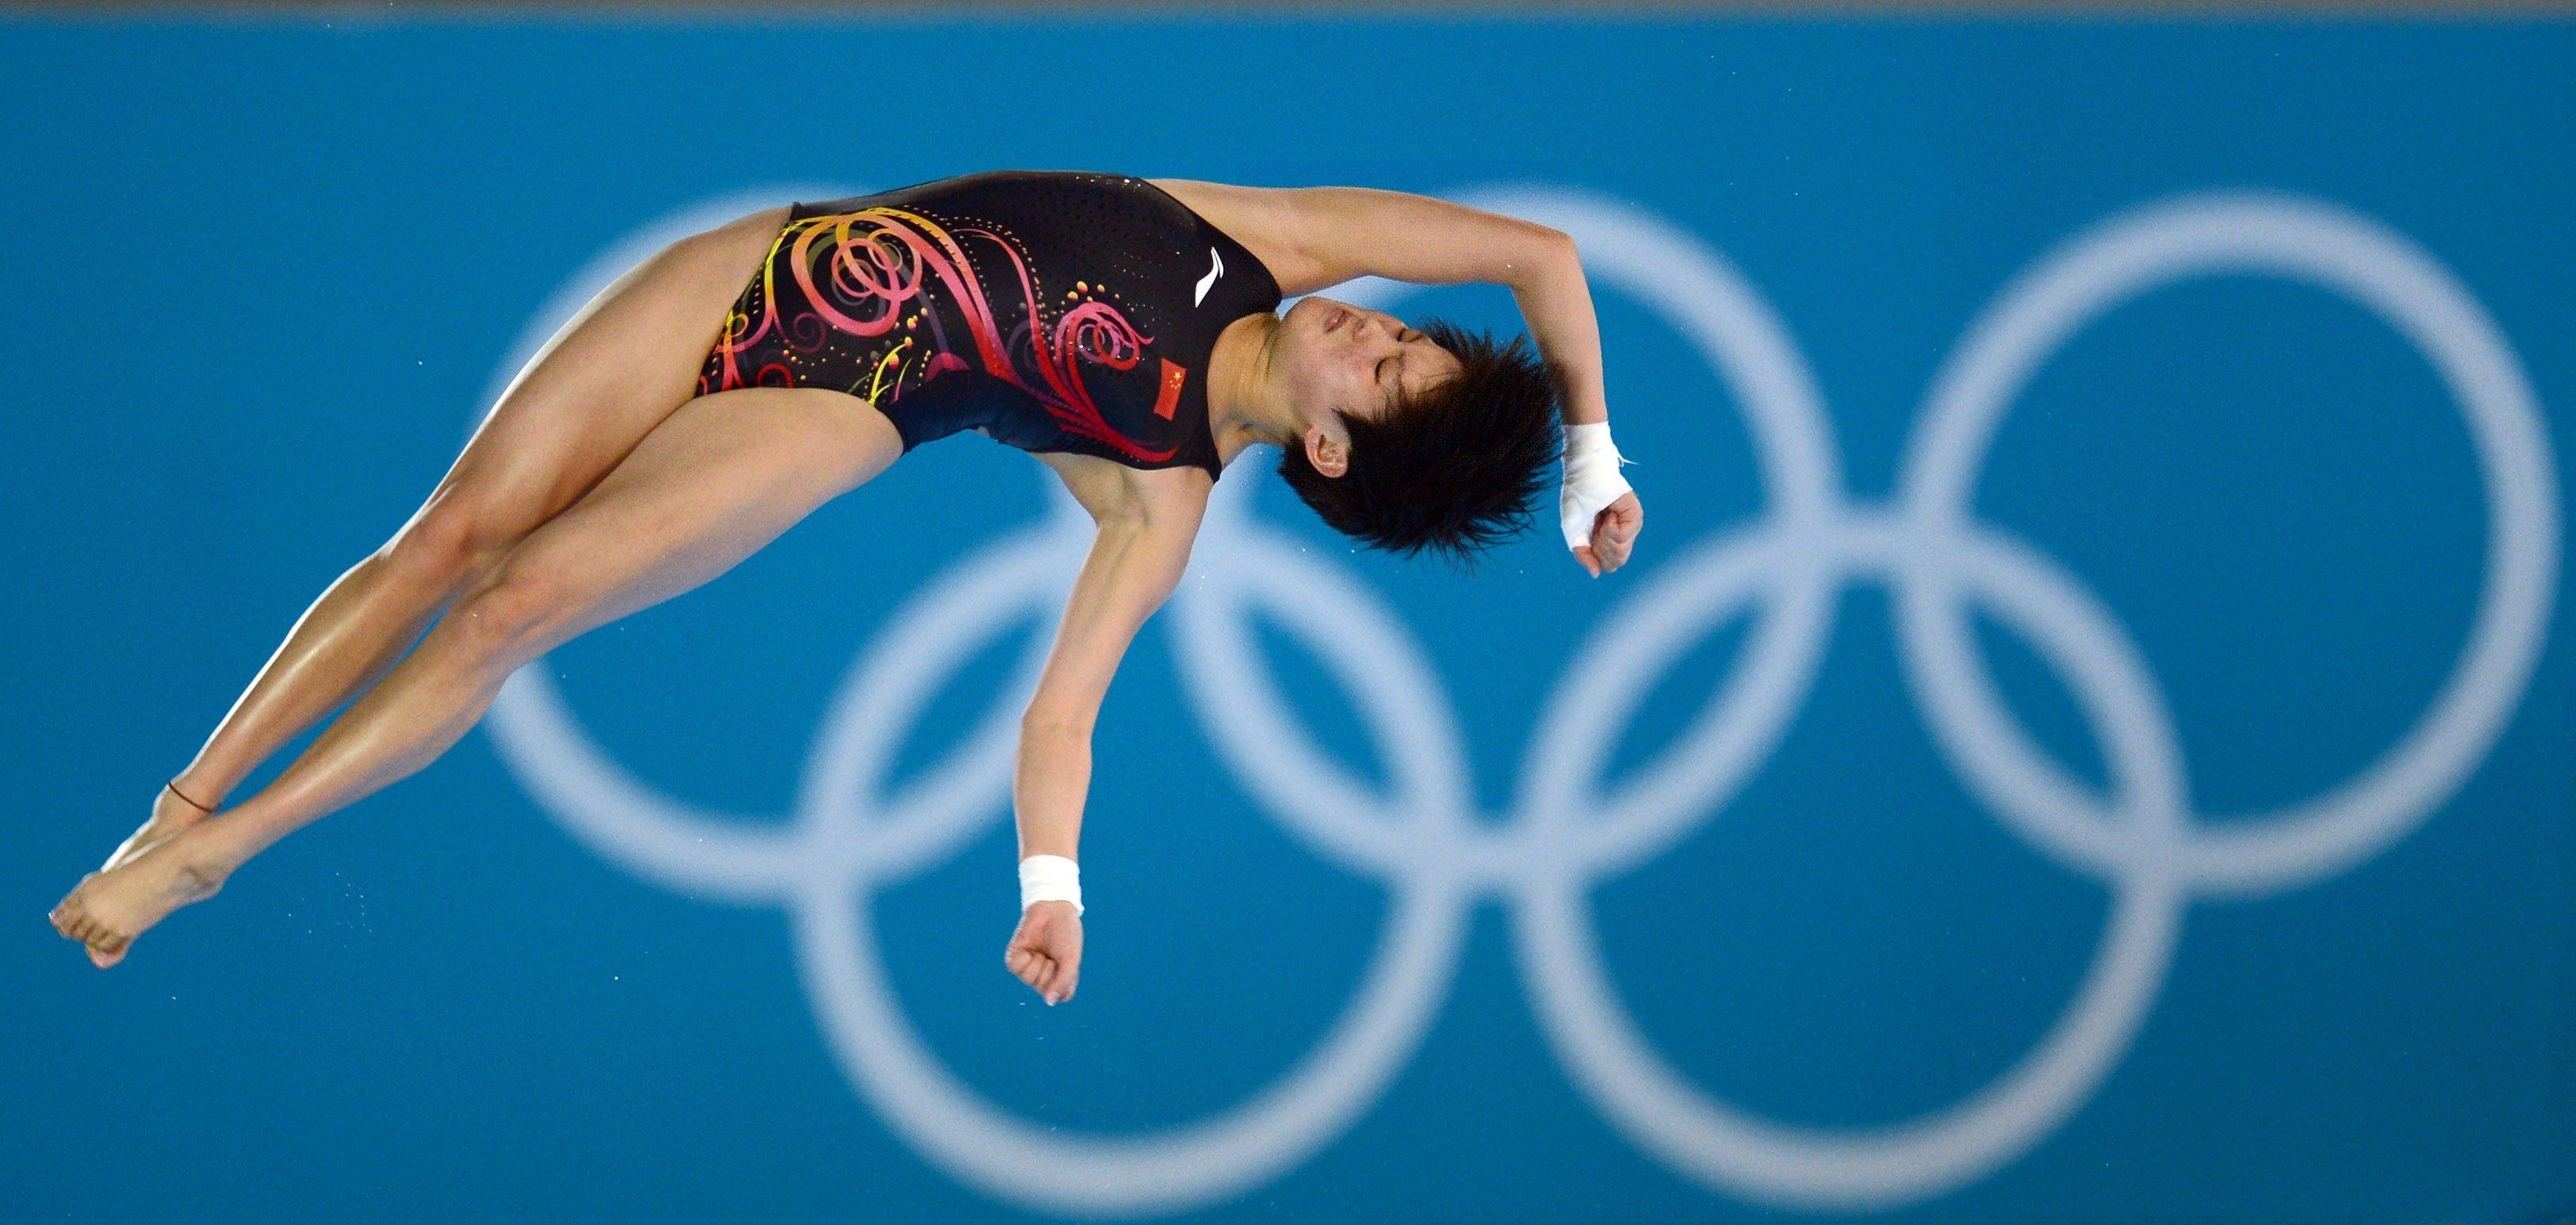 12年伦敦奥运会跳水_(陈若琳2012年8月9日在伦敦奥运会女子10米跳台决赛中 新华社)